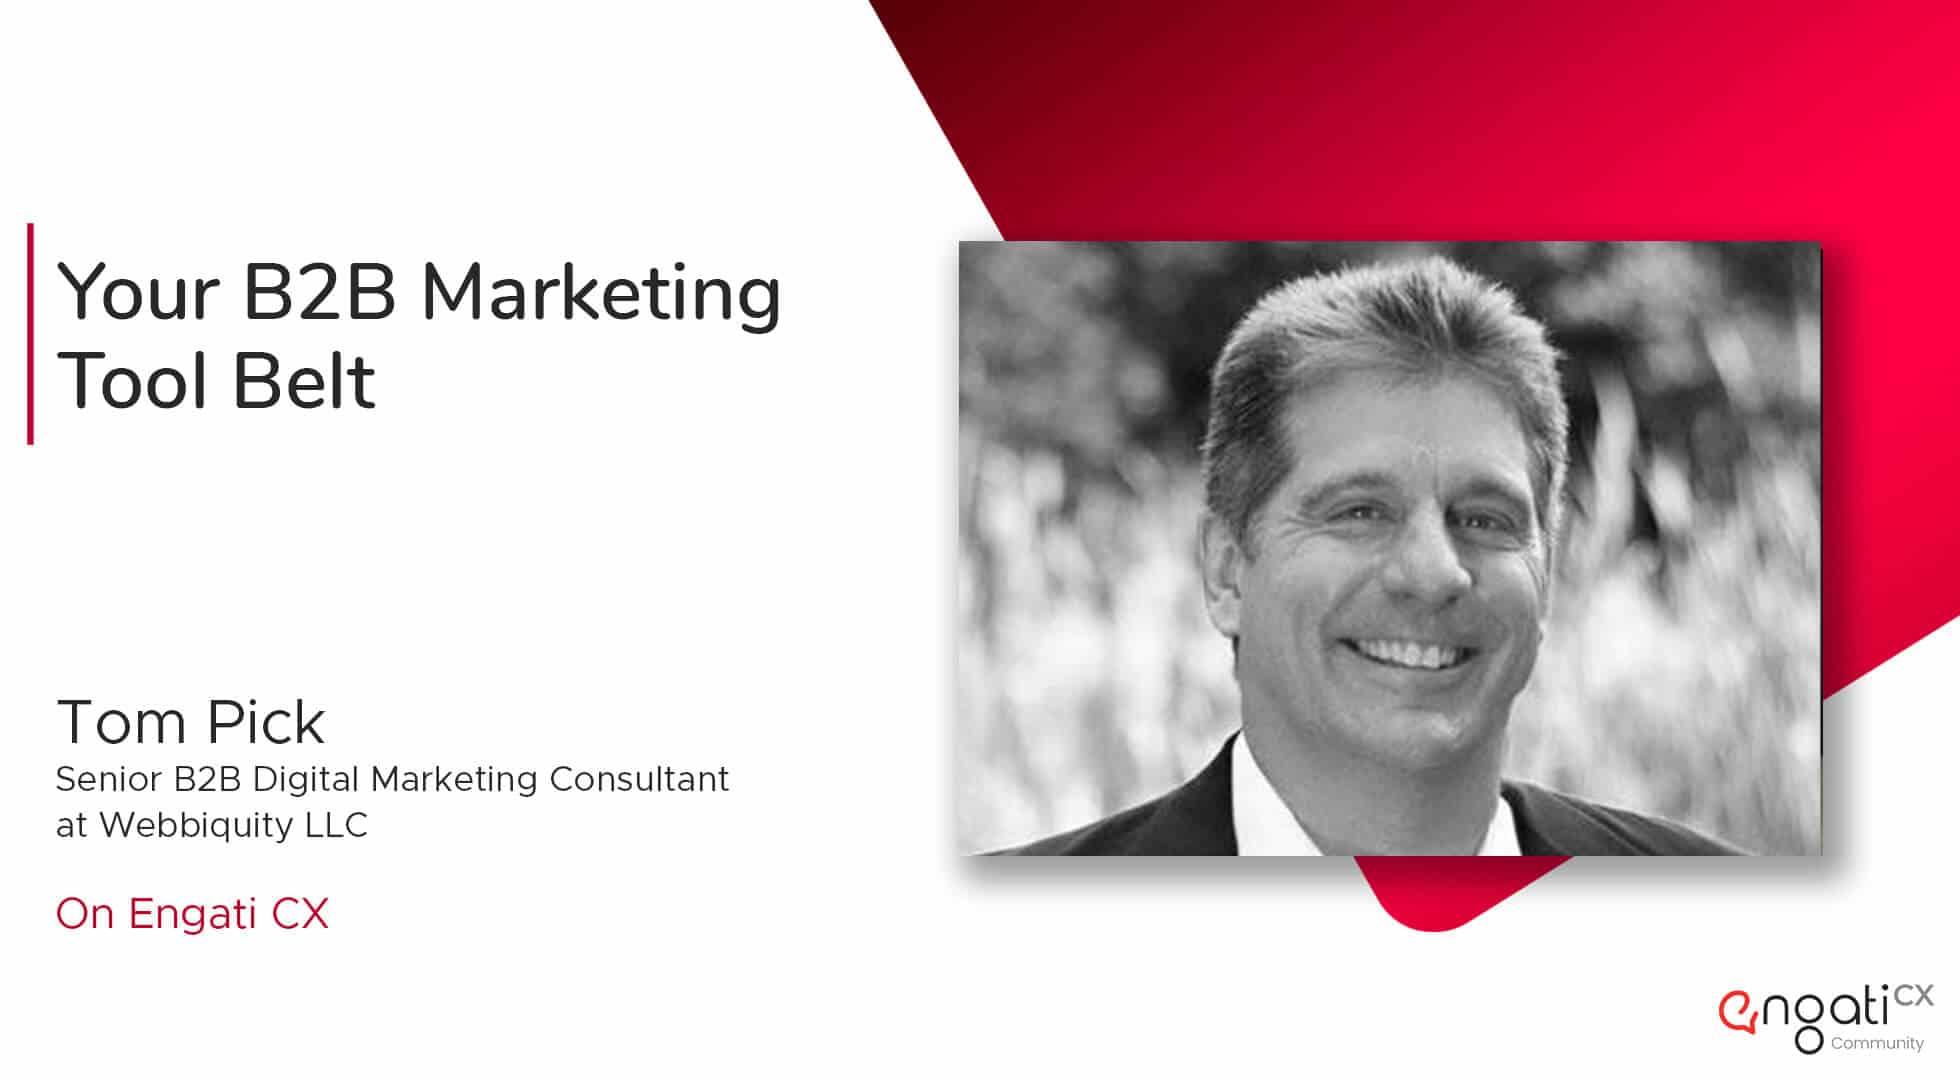 Your B2B marketing tool belt   Tom Pick   Engati CX